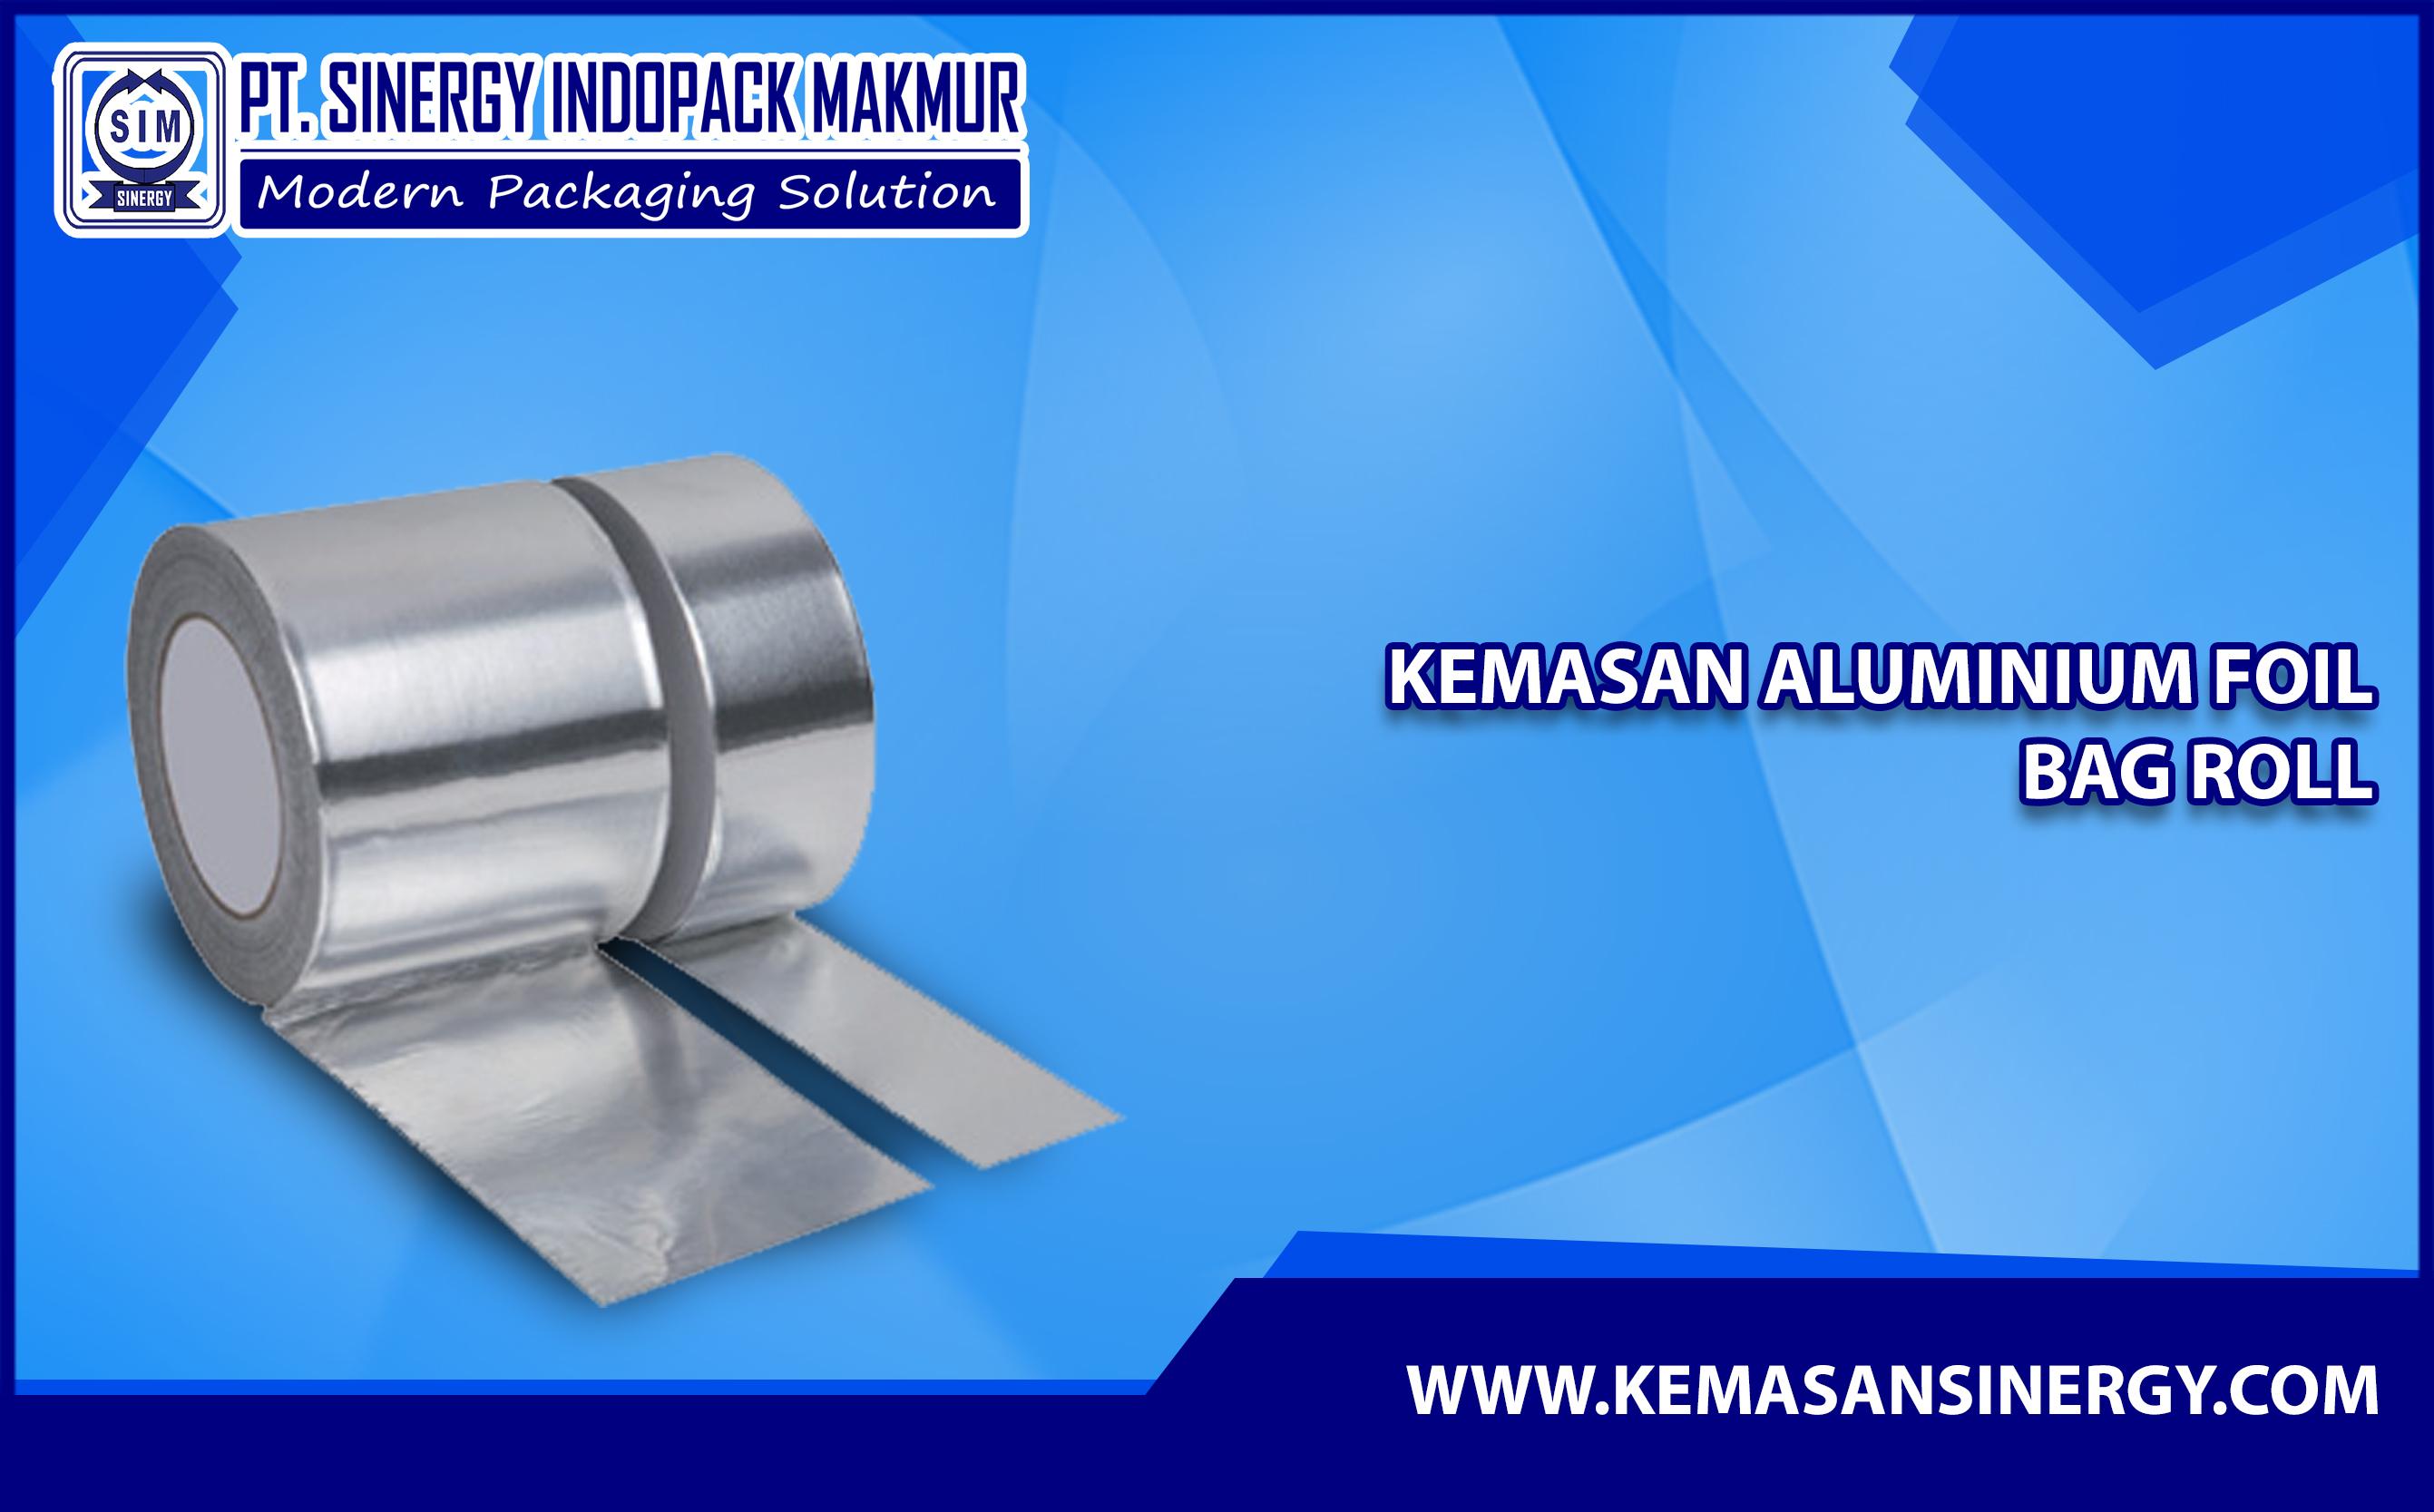 Kemasan Aluminium Foil Roll (Alufoil Roll)